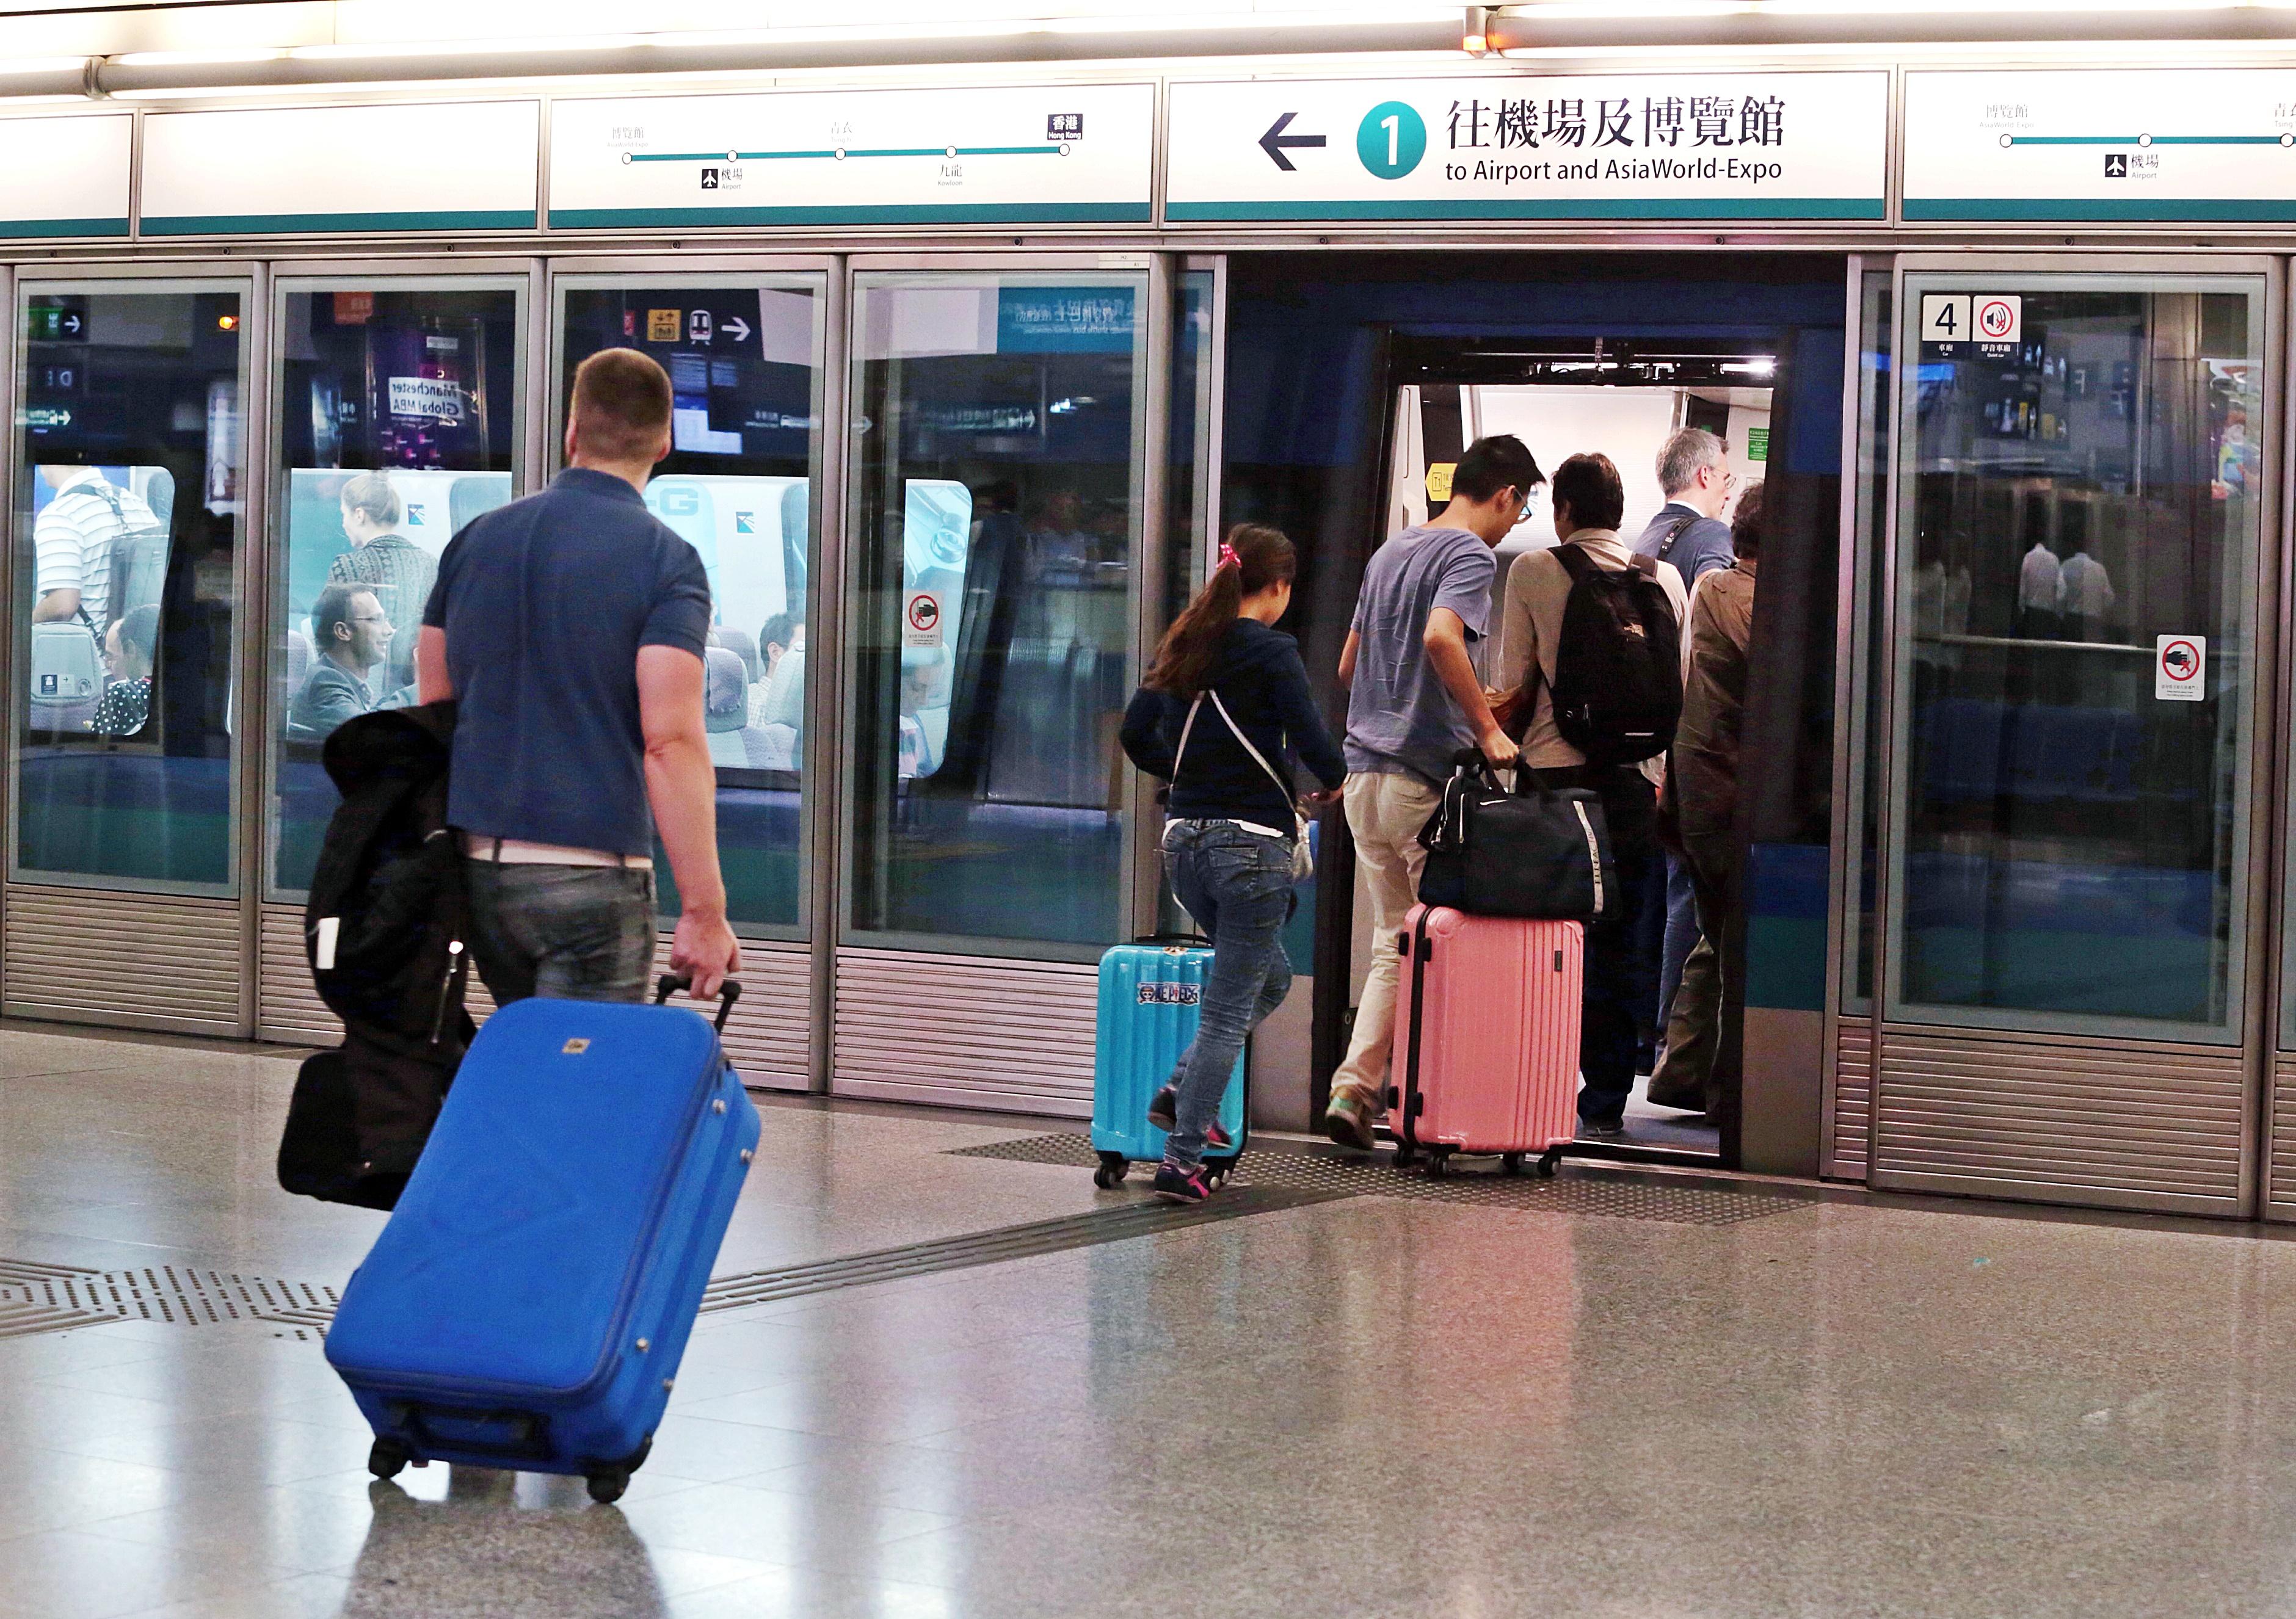 【修例风波】机场快缐明只停香港站及机场站 10分钟一班车